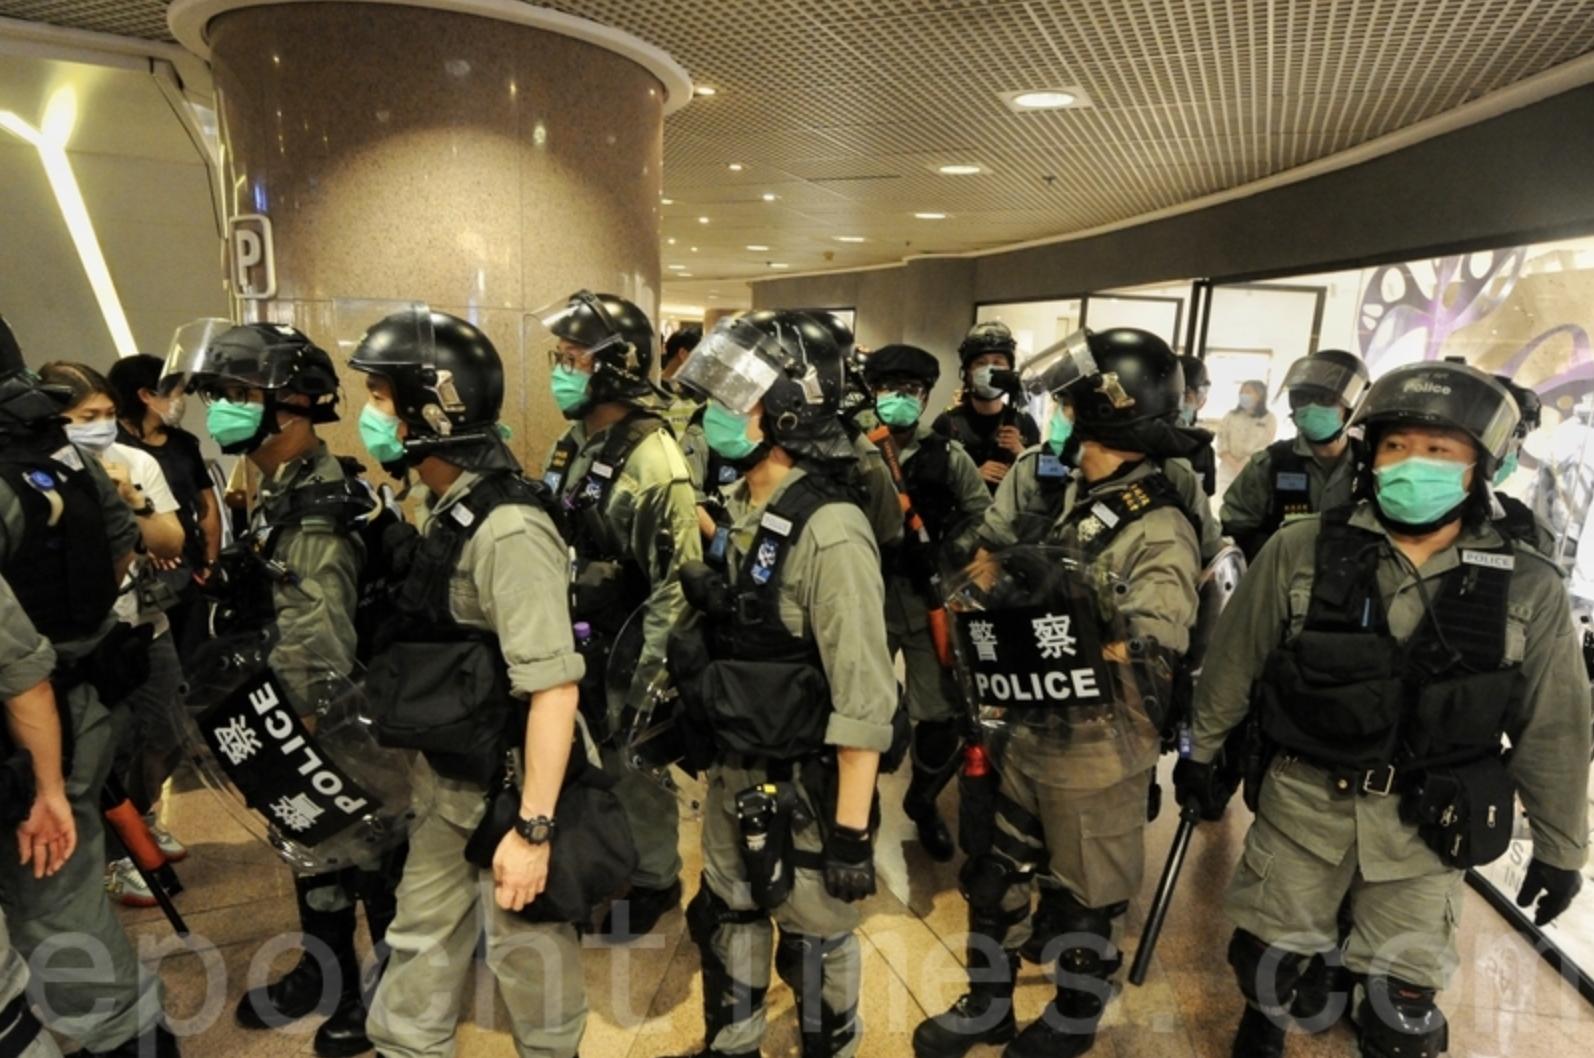 2020年5月10日母親節,有民眾在海港城叫口號,大批防暴警察進入商場,並以限聚令票控市民。(大紀元資料圖片)